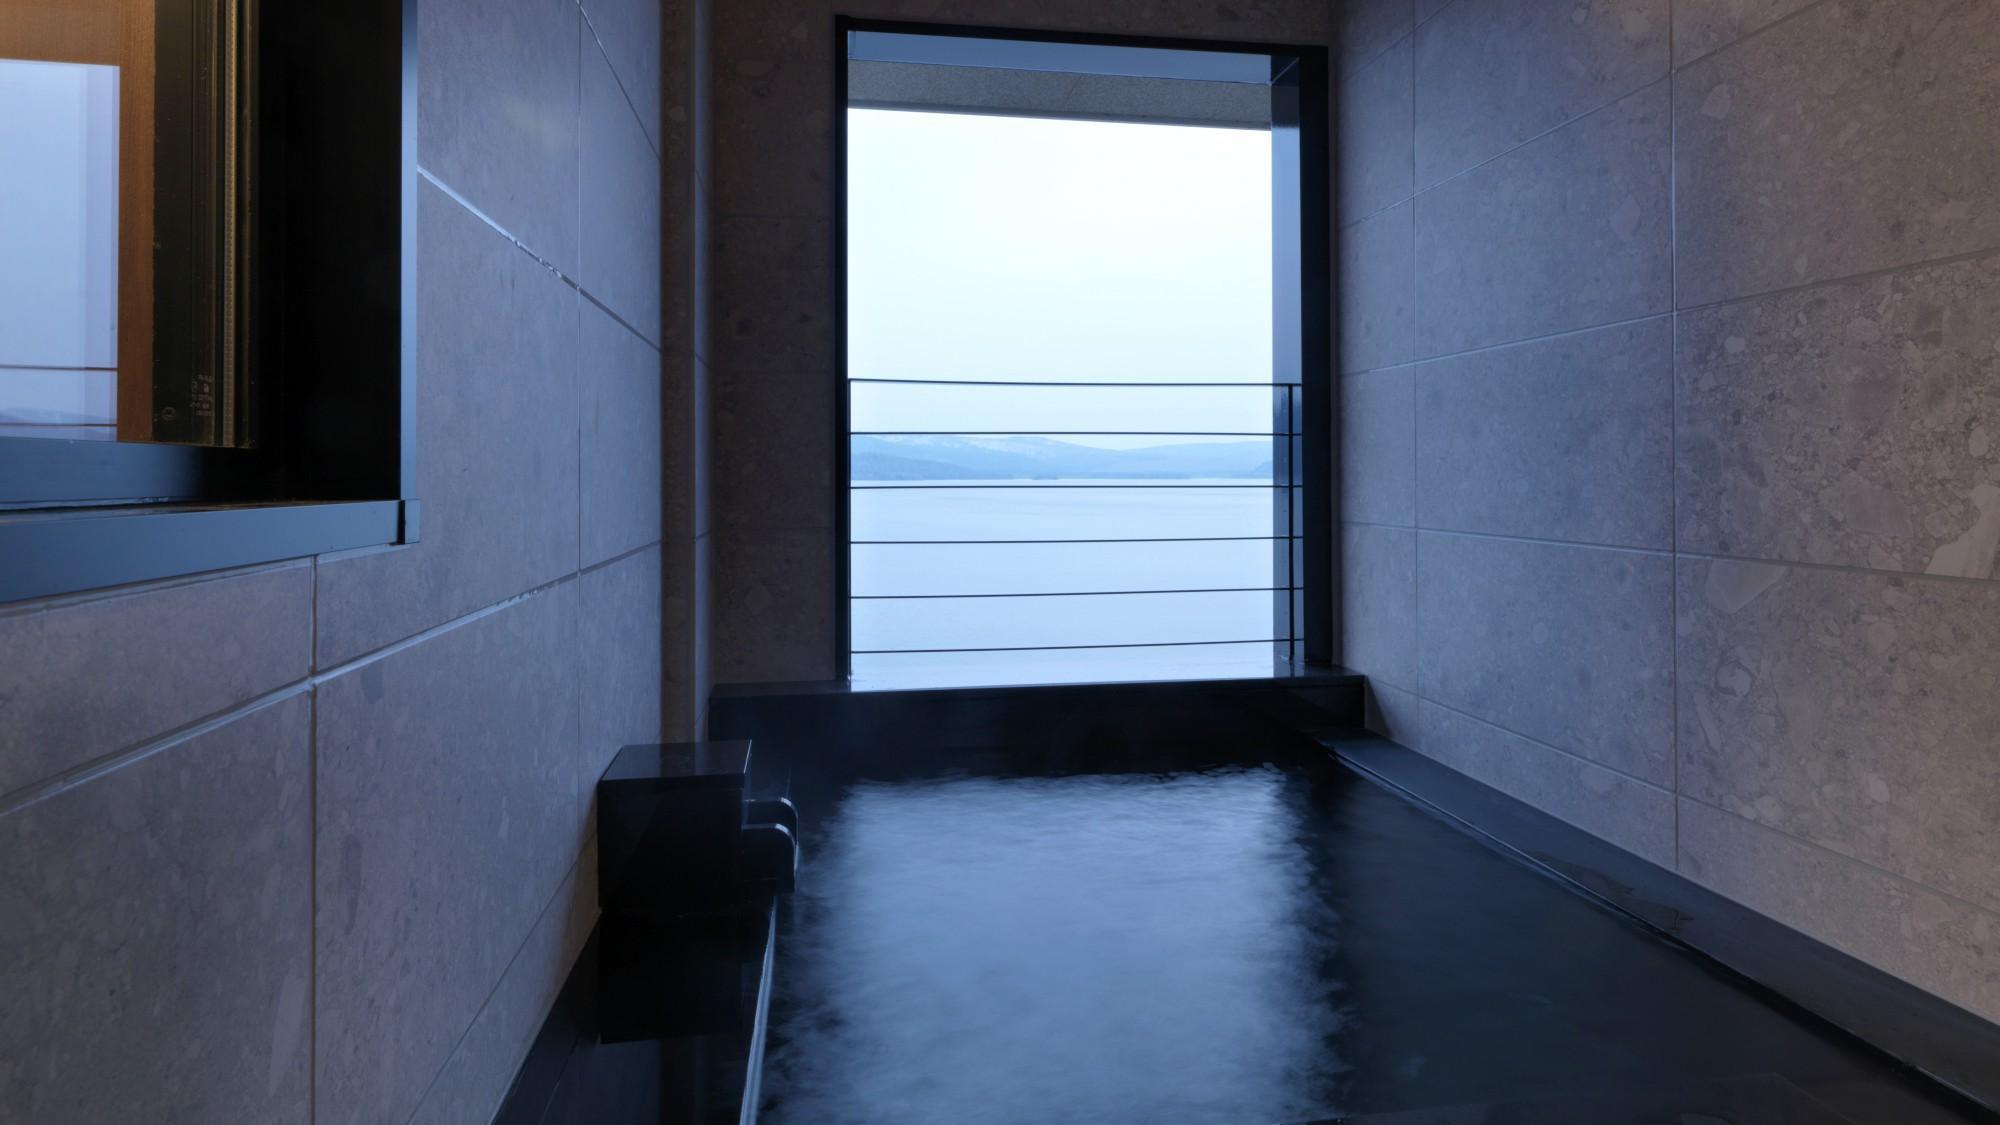 【別館】温泉付展望特別室 一例/お部屋には温泉展望風呂付。阿寒の自然を眺めながらの湯あみを・・・